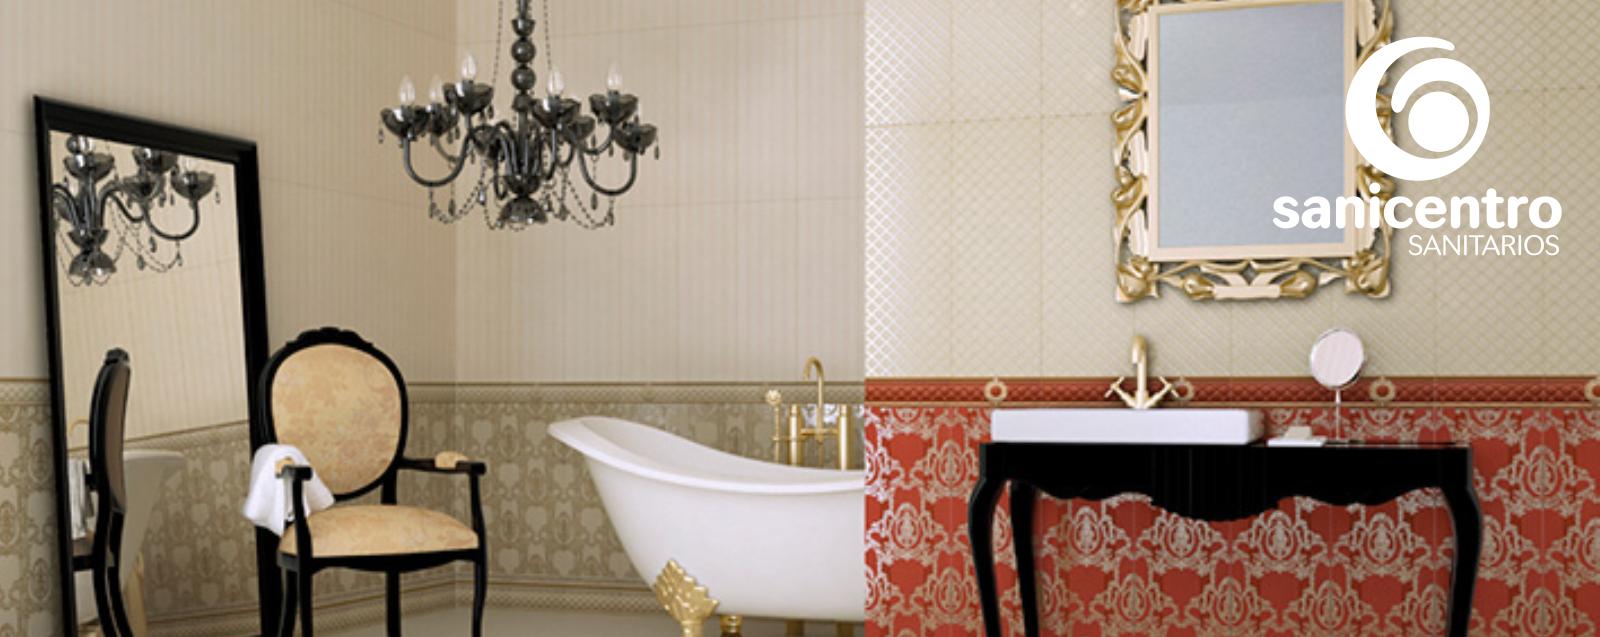 Cuartos de baño estilo barroco - Sanicentro